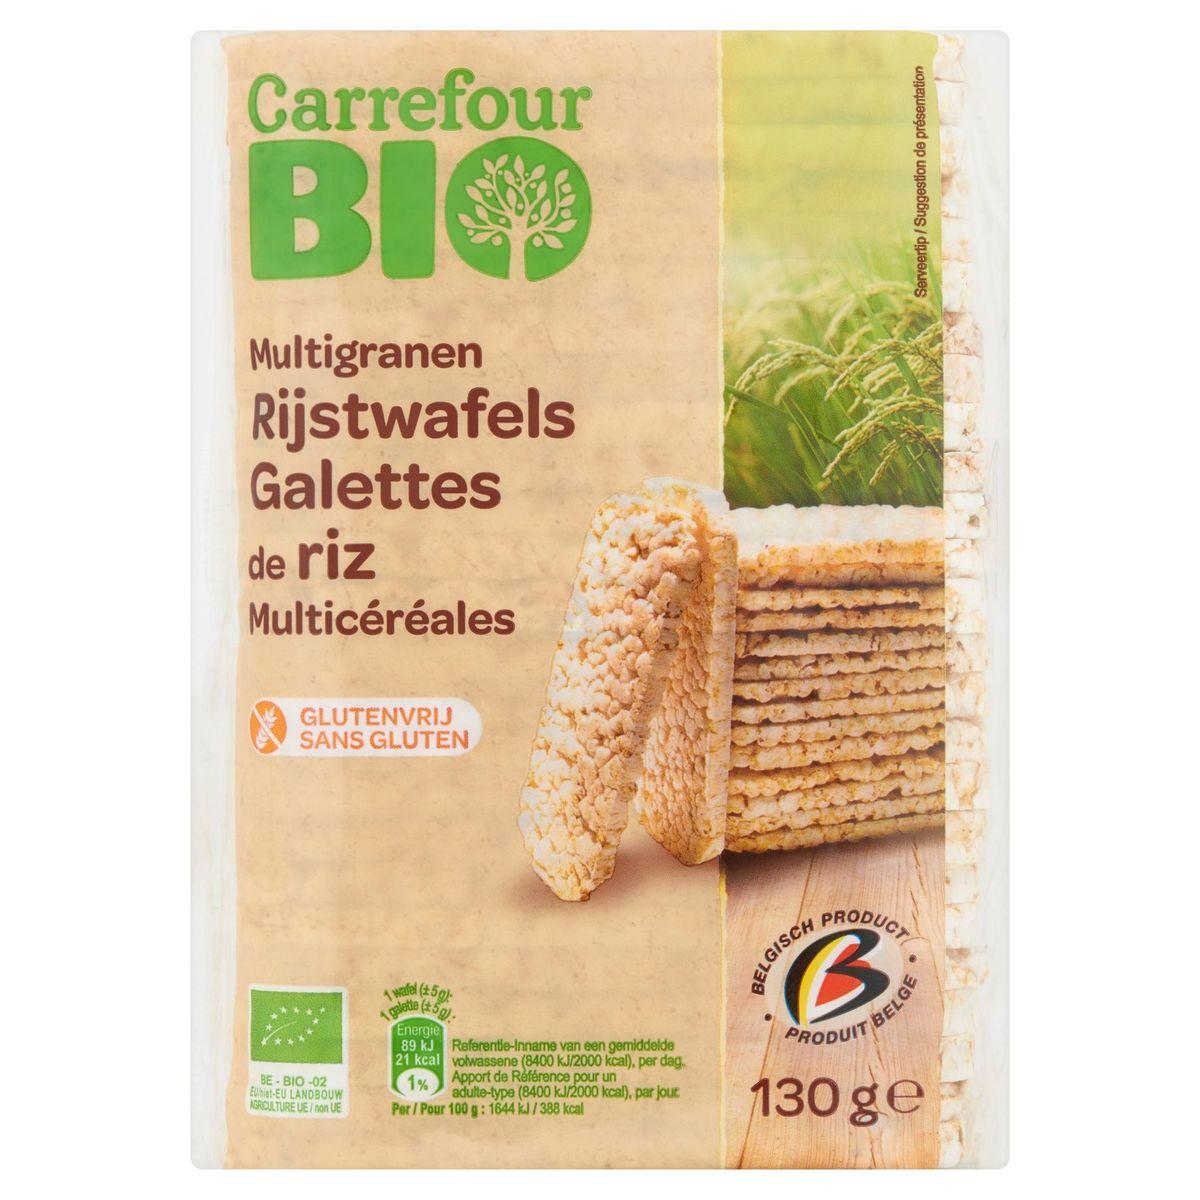 Carrefour Bio Galettes de Riz Multicéréales 130 g